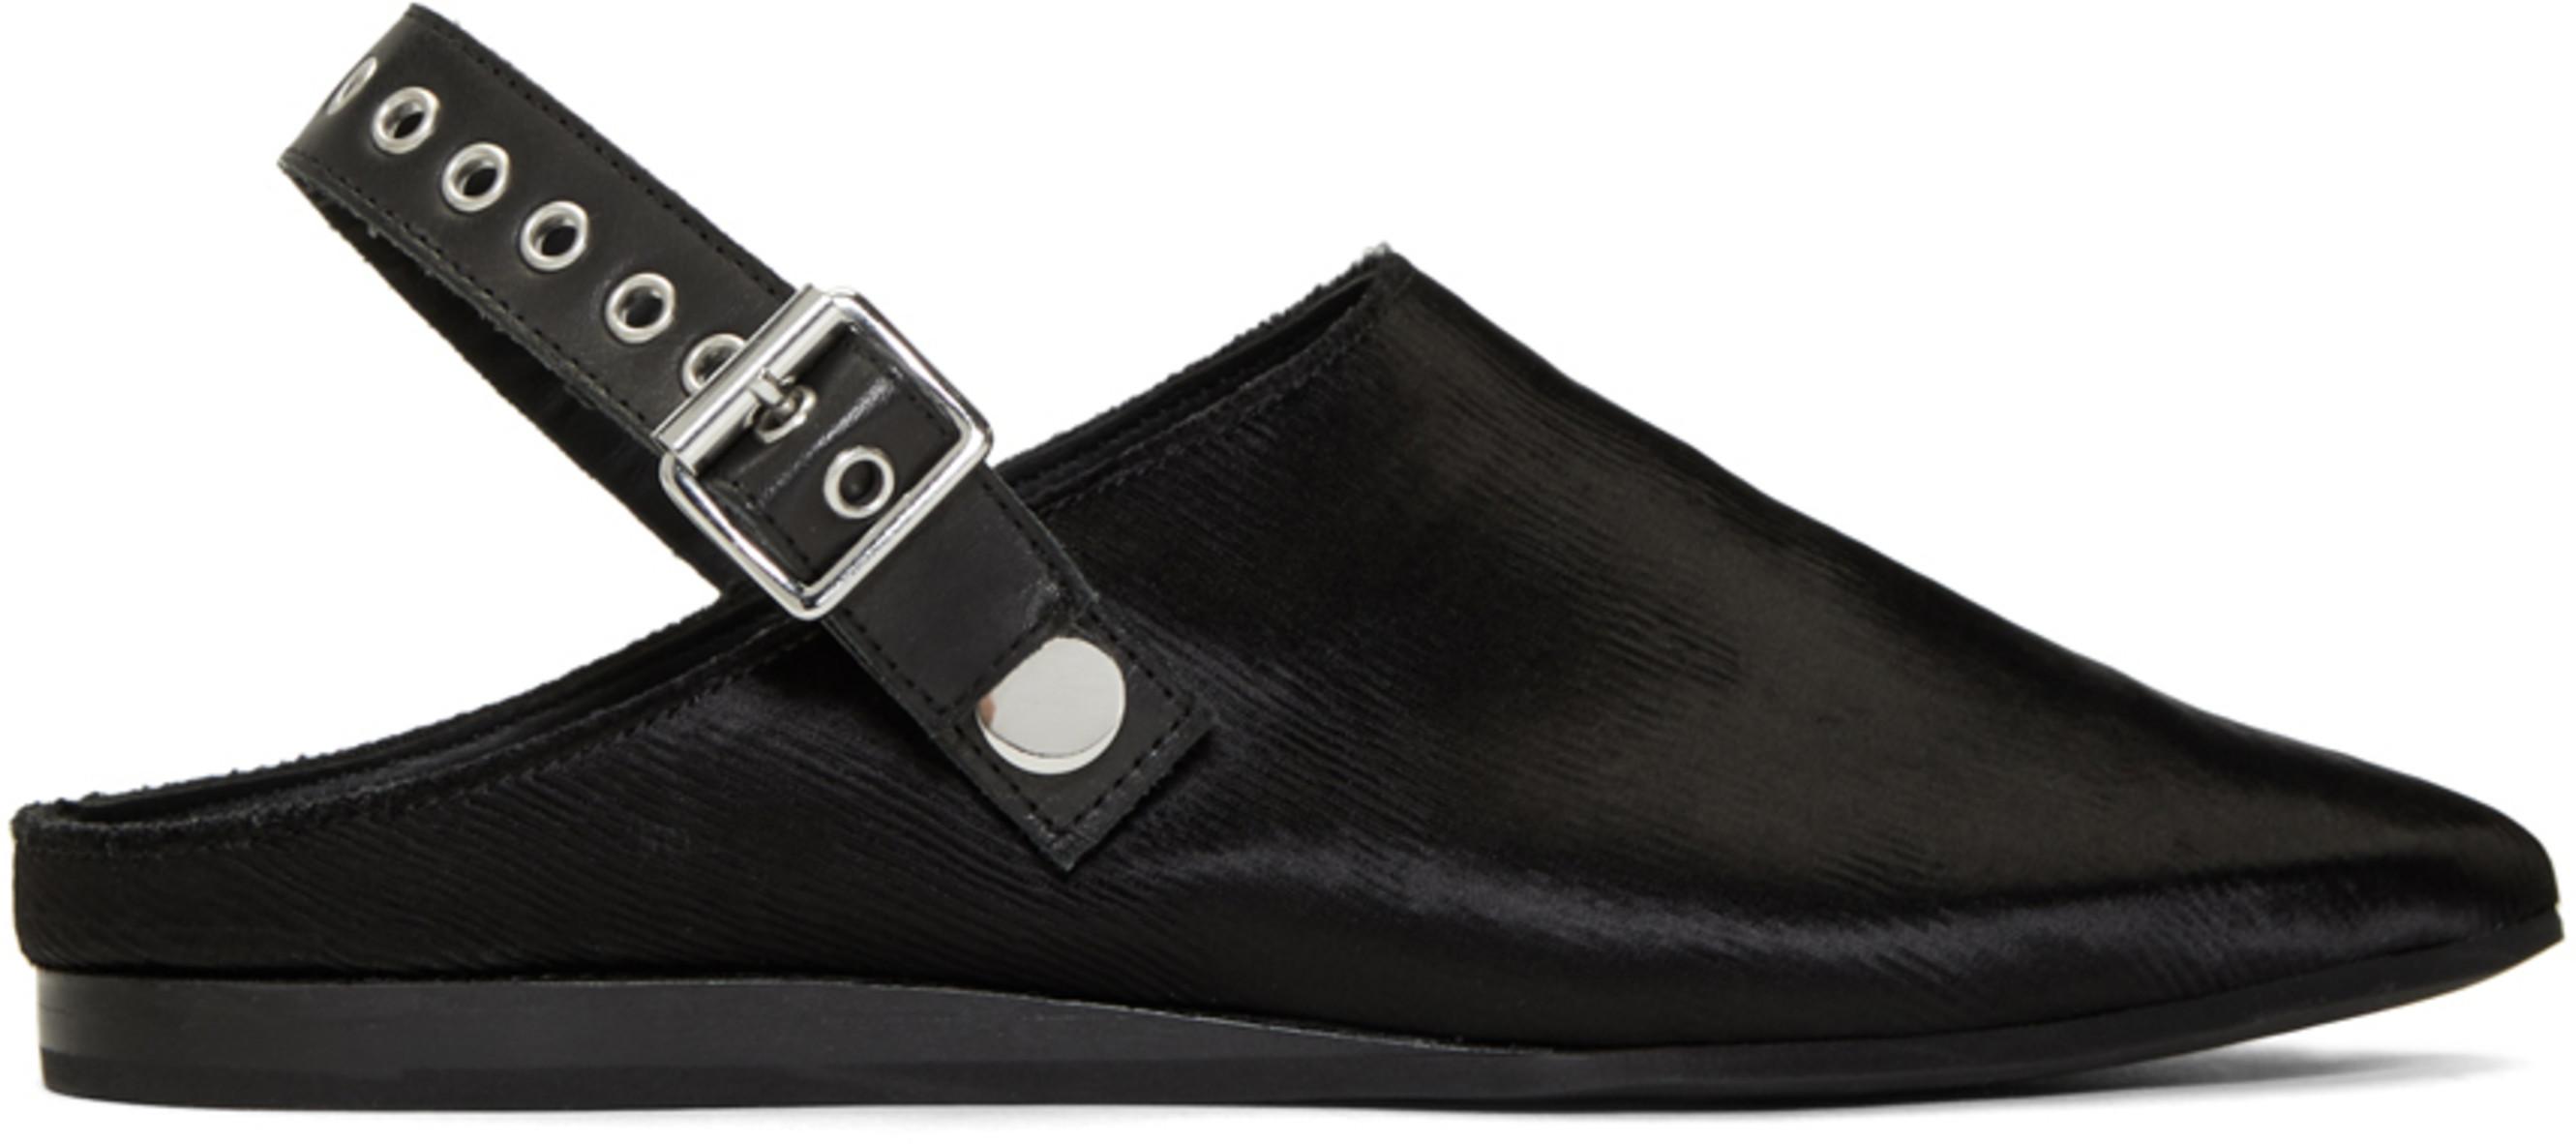 2e48459e04 Mcq Alexander Mcqueen shoes for Women